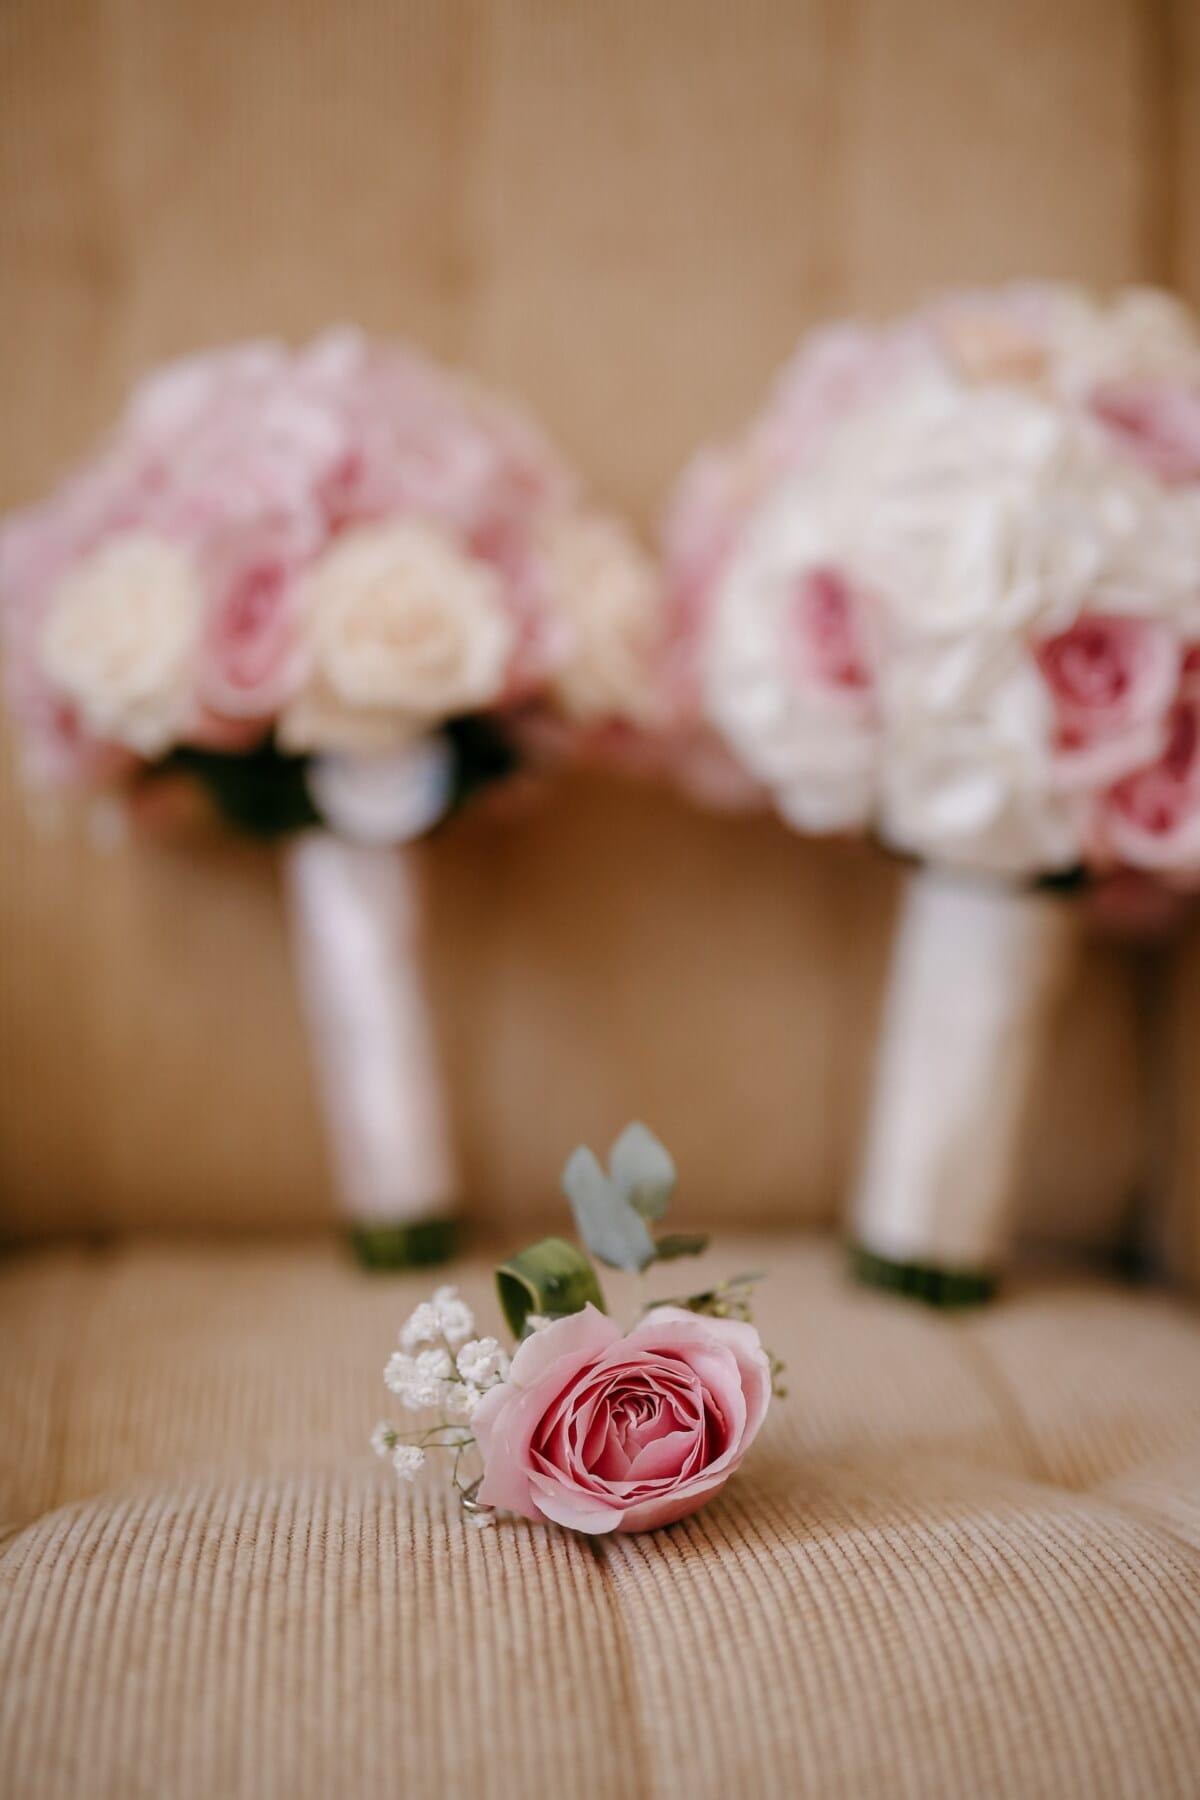 miniature, bouquet, en détail, canapé, fleur, Rose, romance, Rose, nature, à l'intérieur